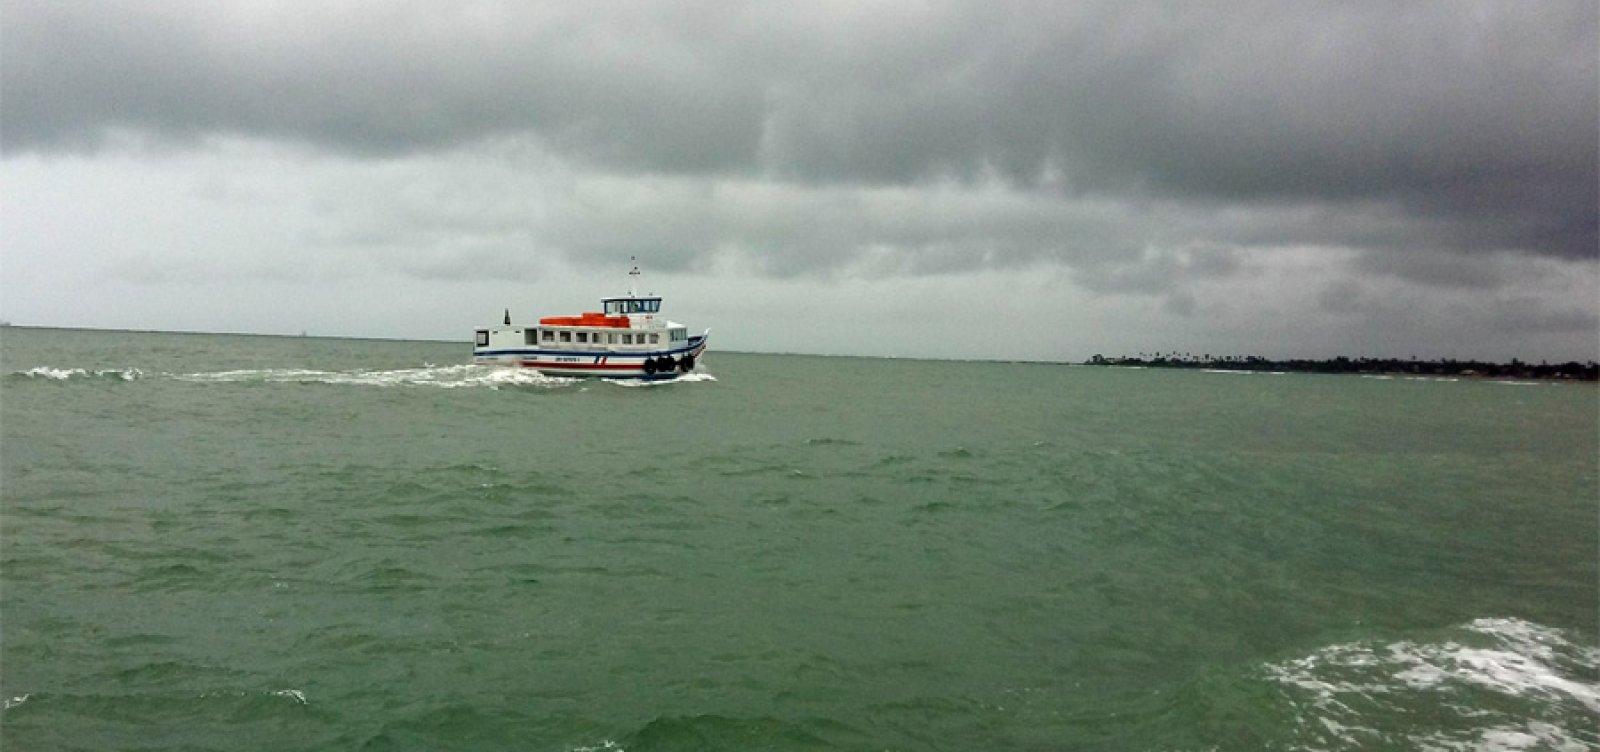 [Frente fria pode causar ventos de até 40 km/h e ondas de três metros na Baía de Todos-os-Santos]